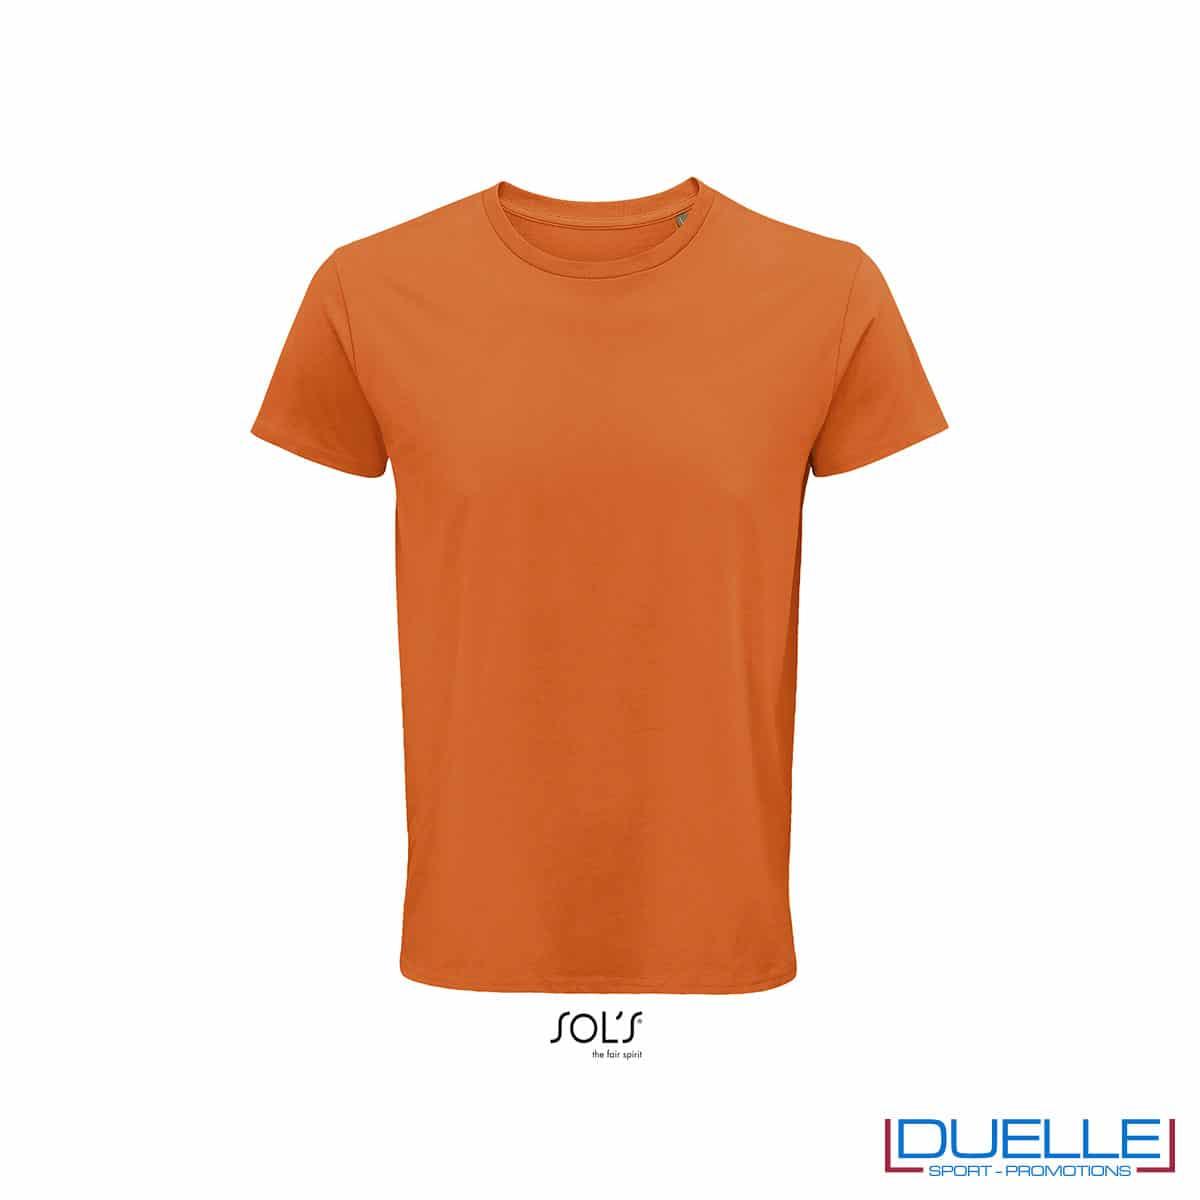 Maglietta ecosostenibile cotone biologico personalizzata colore arancione